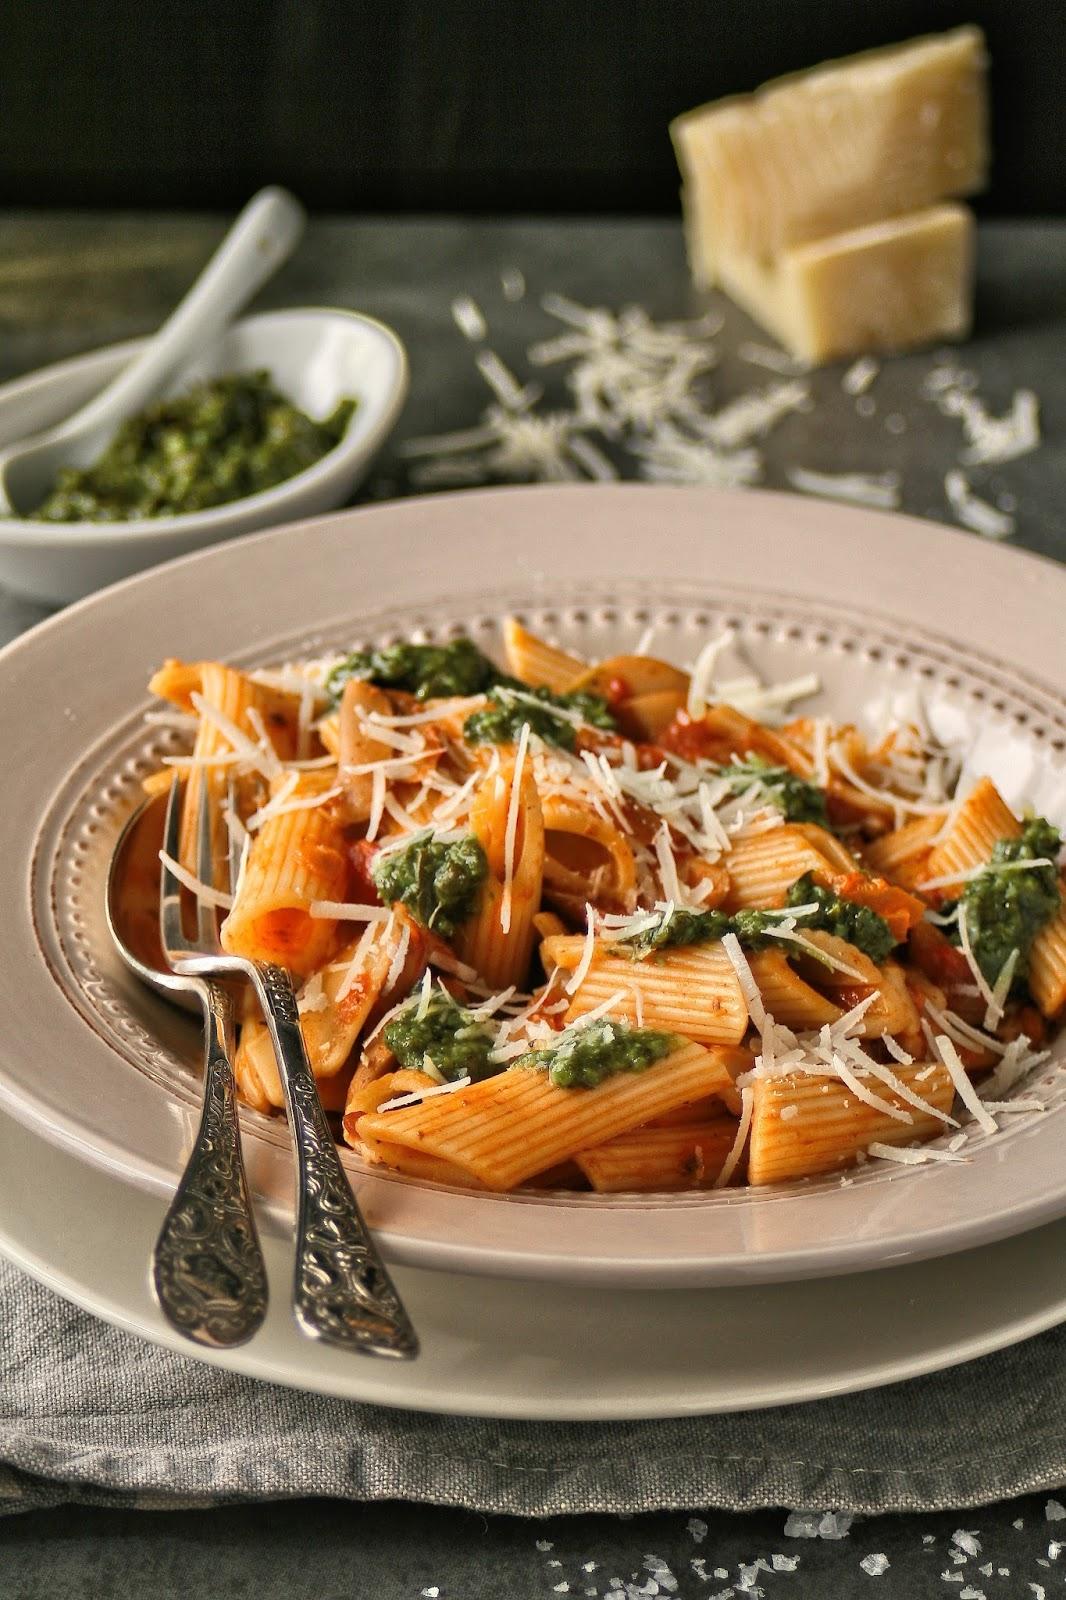 Quick pasta recipes